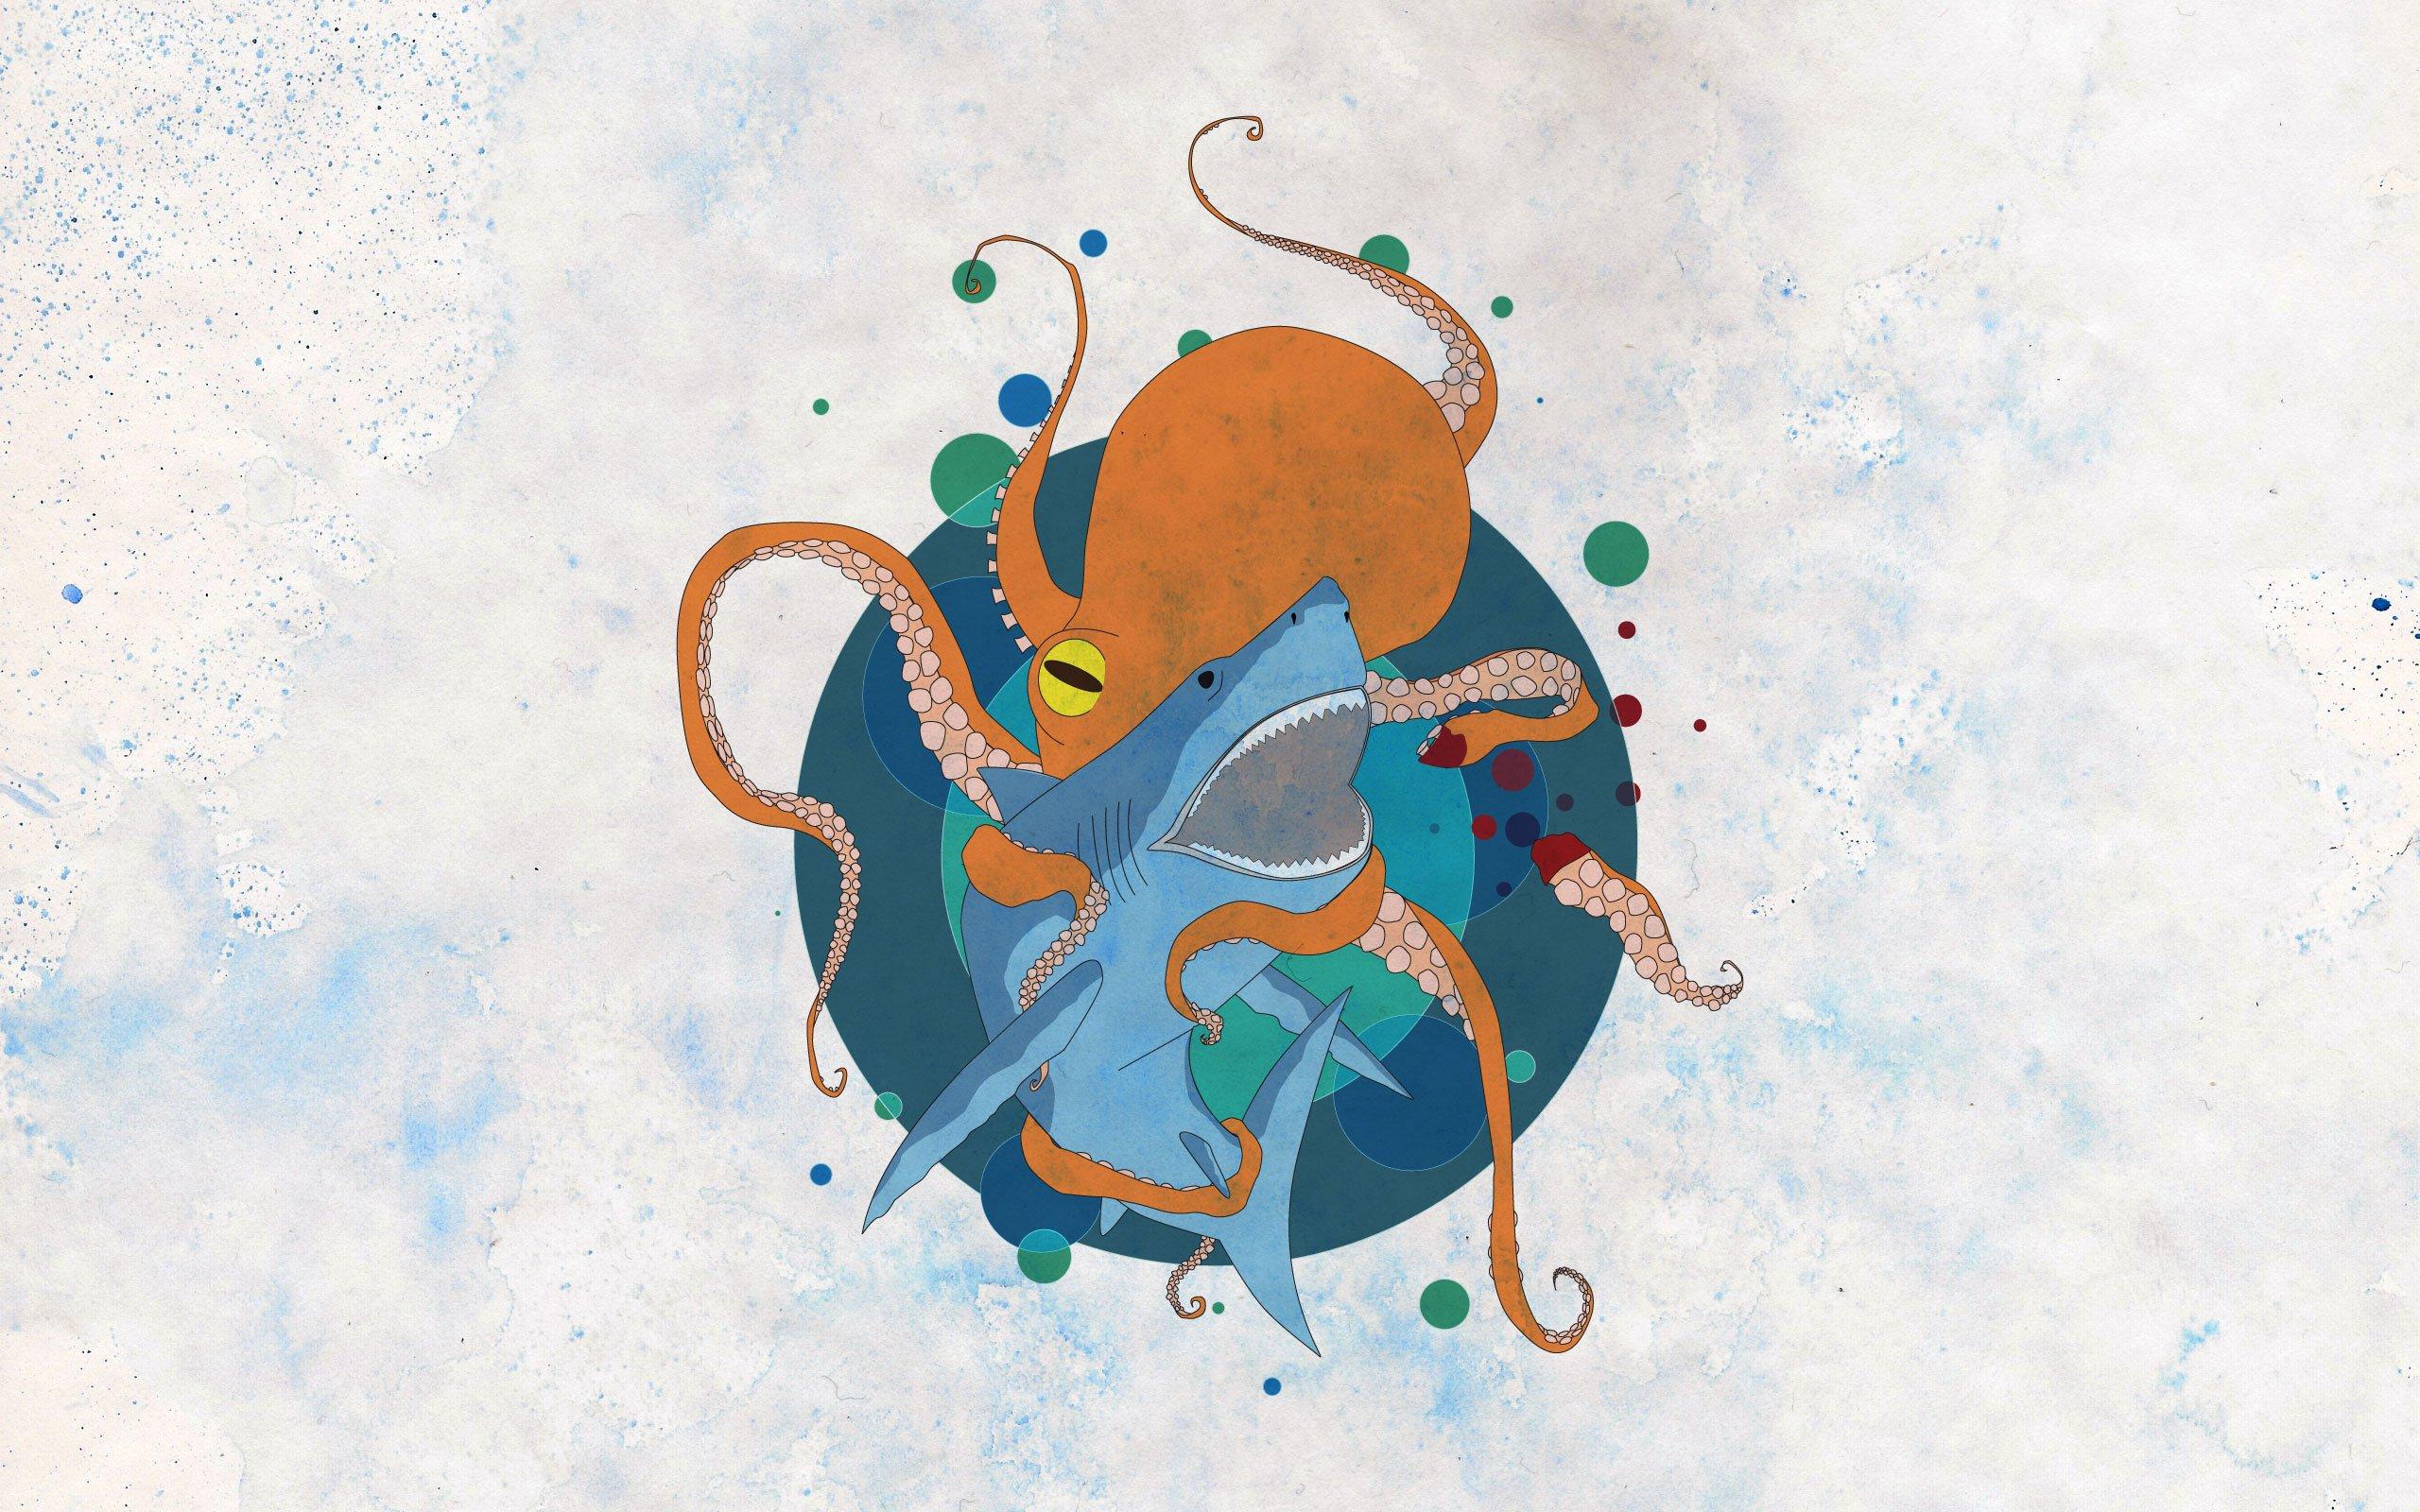 Corgi Wallpaper Cute Octopus Images Hd Pixelstalk Net